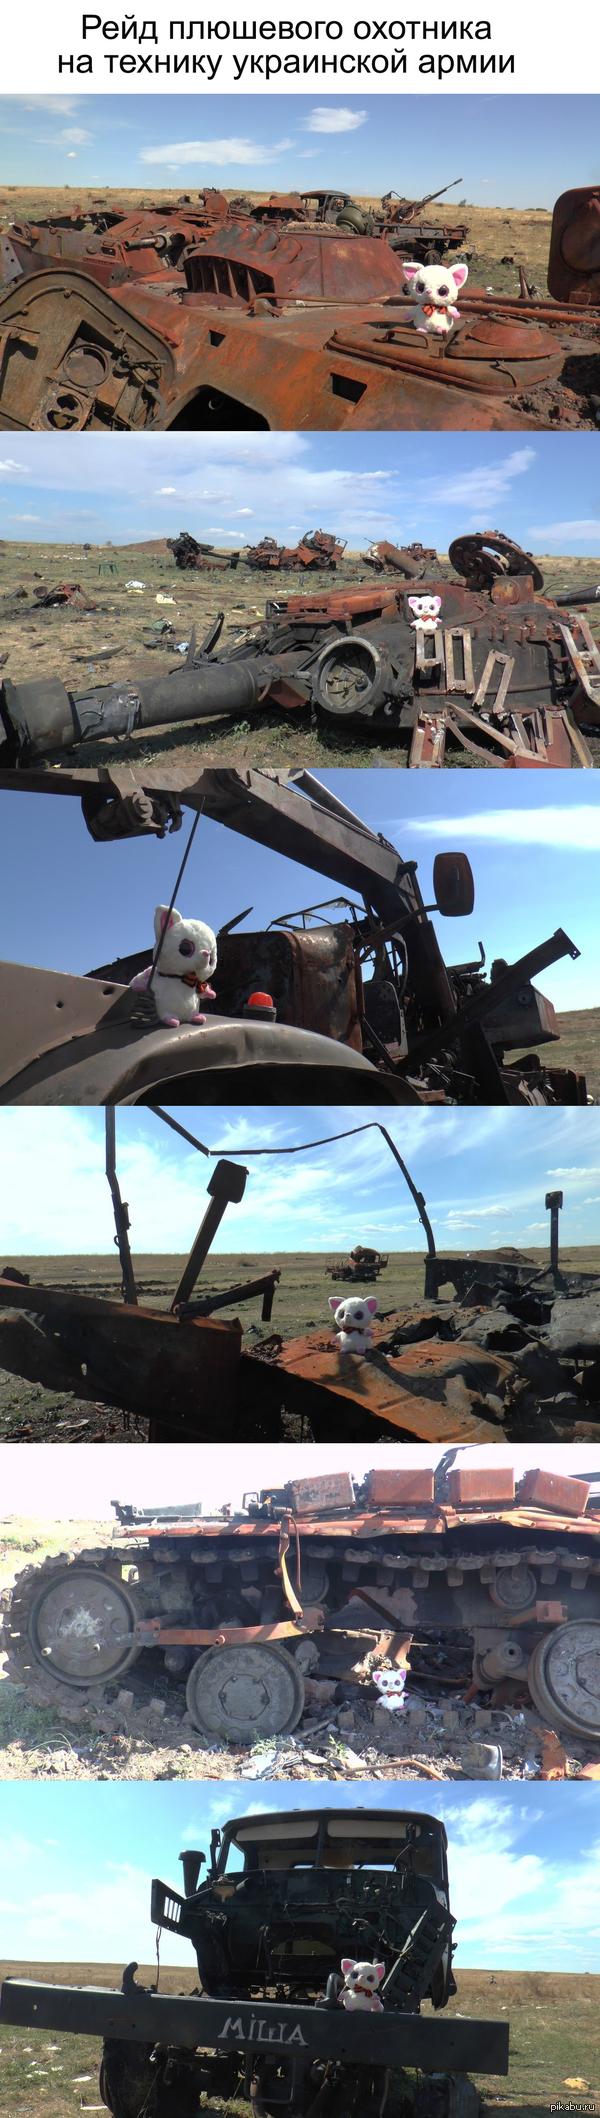 Рейд плюшевого охотника на технику украинской армии   Украина, ополченцы, война, длиннопост